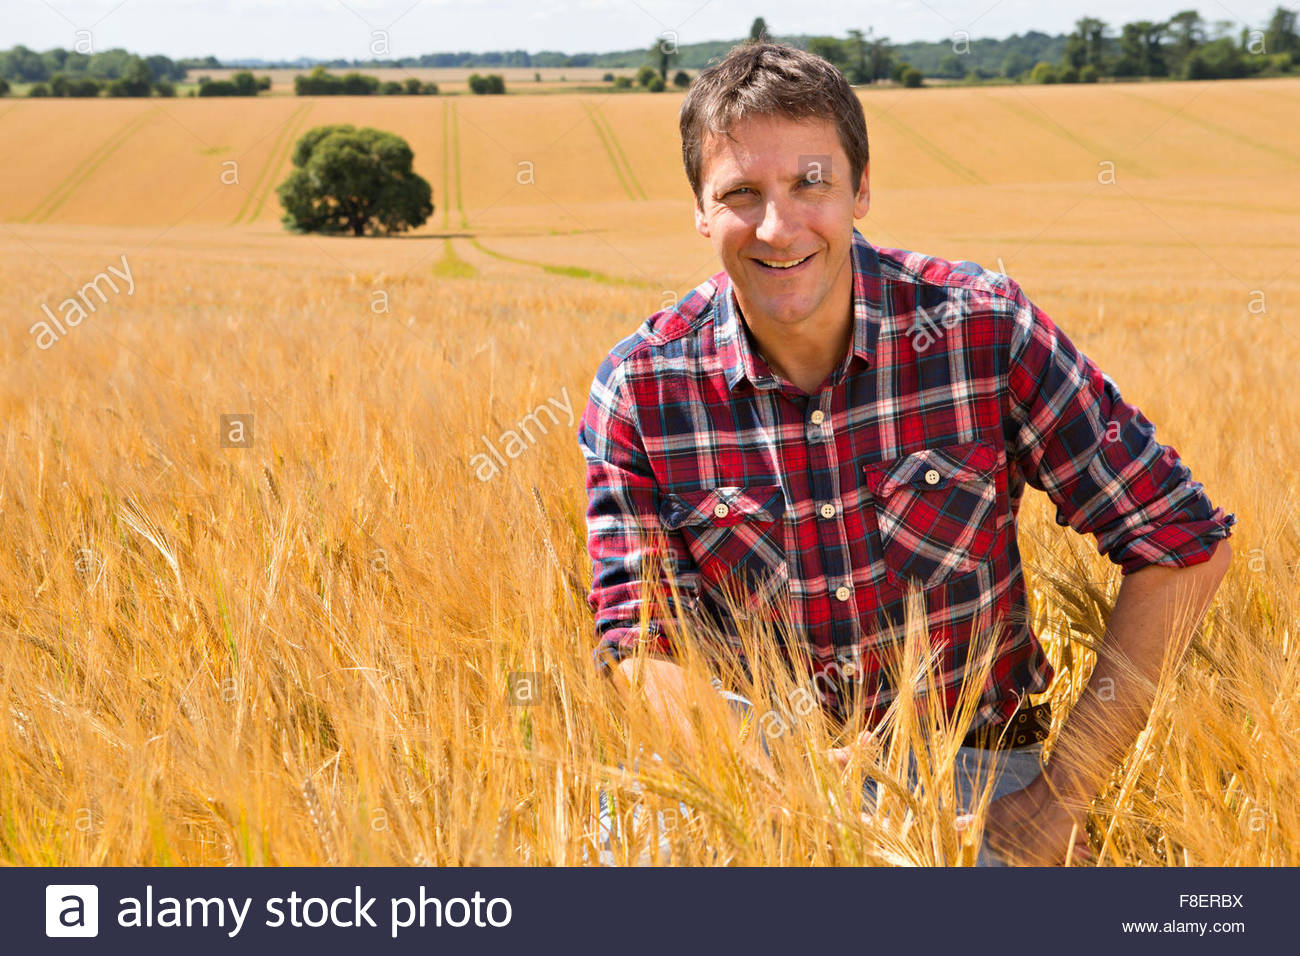 Retrato sonriente agricultor rural en un soleado día de campo de cultivos de cebada en verano Imagen De Stock